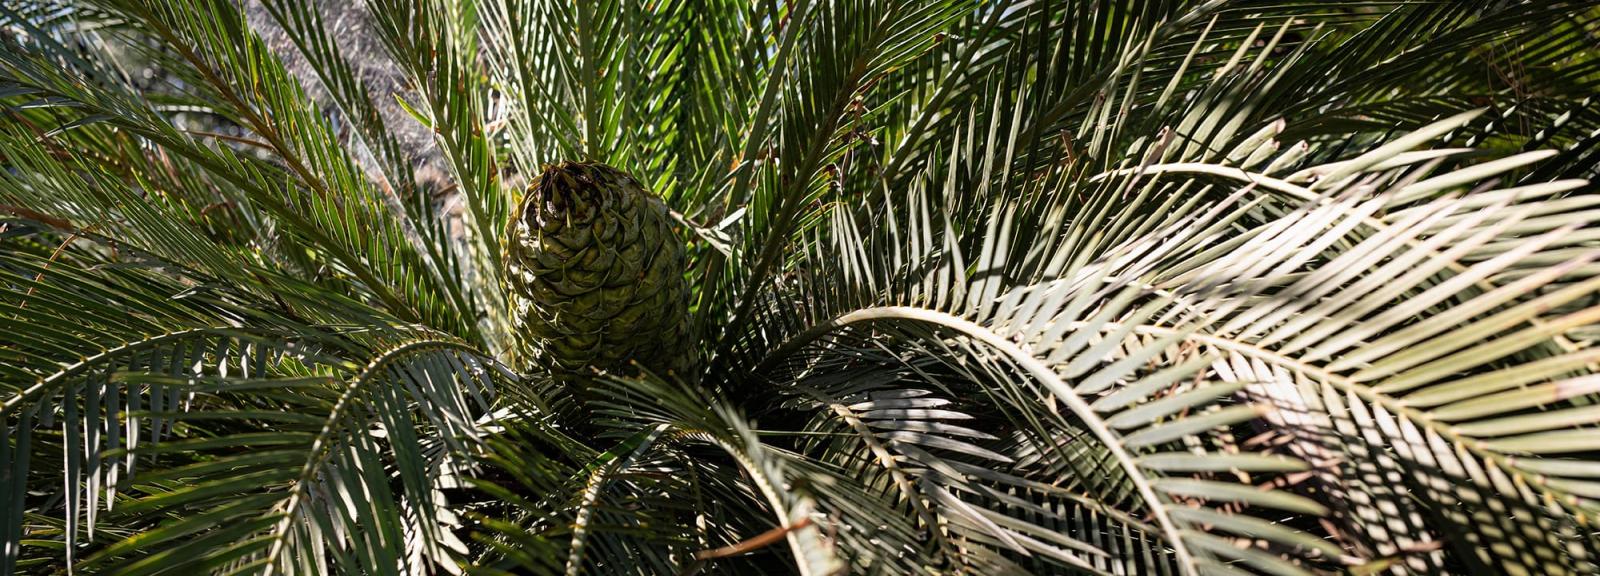 Macrozamia moorei - Jardin botanique Val Rahmeh-Menton © MNHN - Agnès Iatzoura